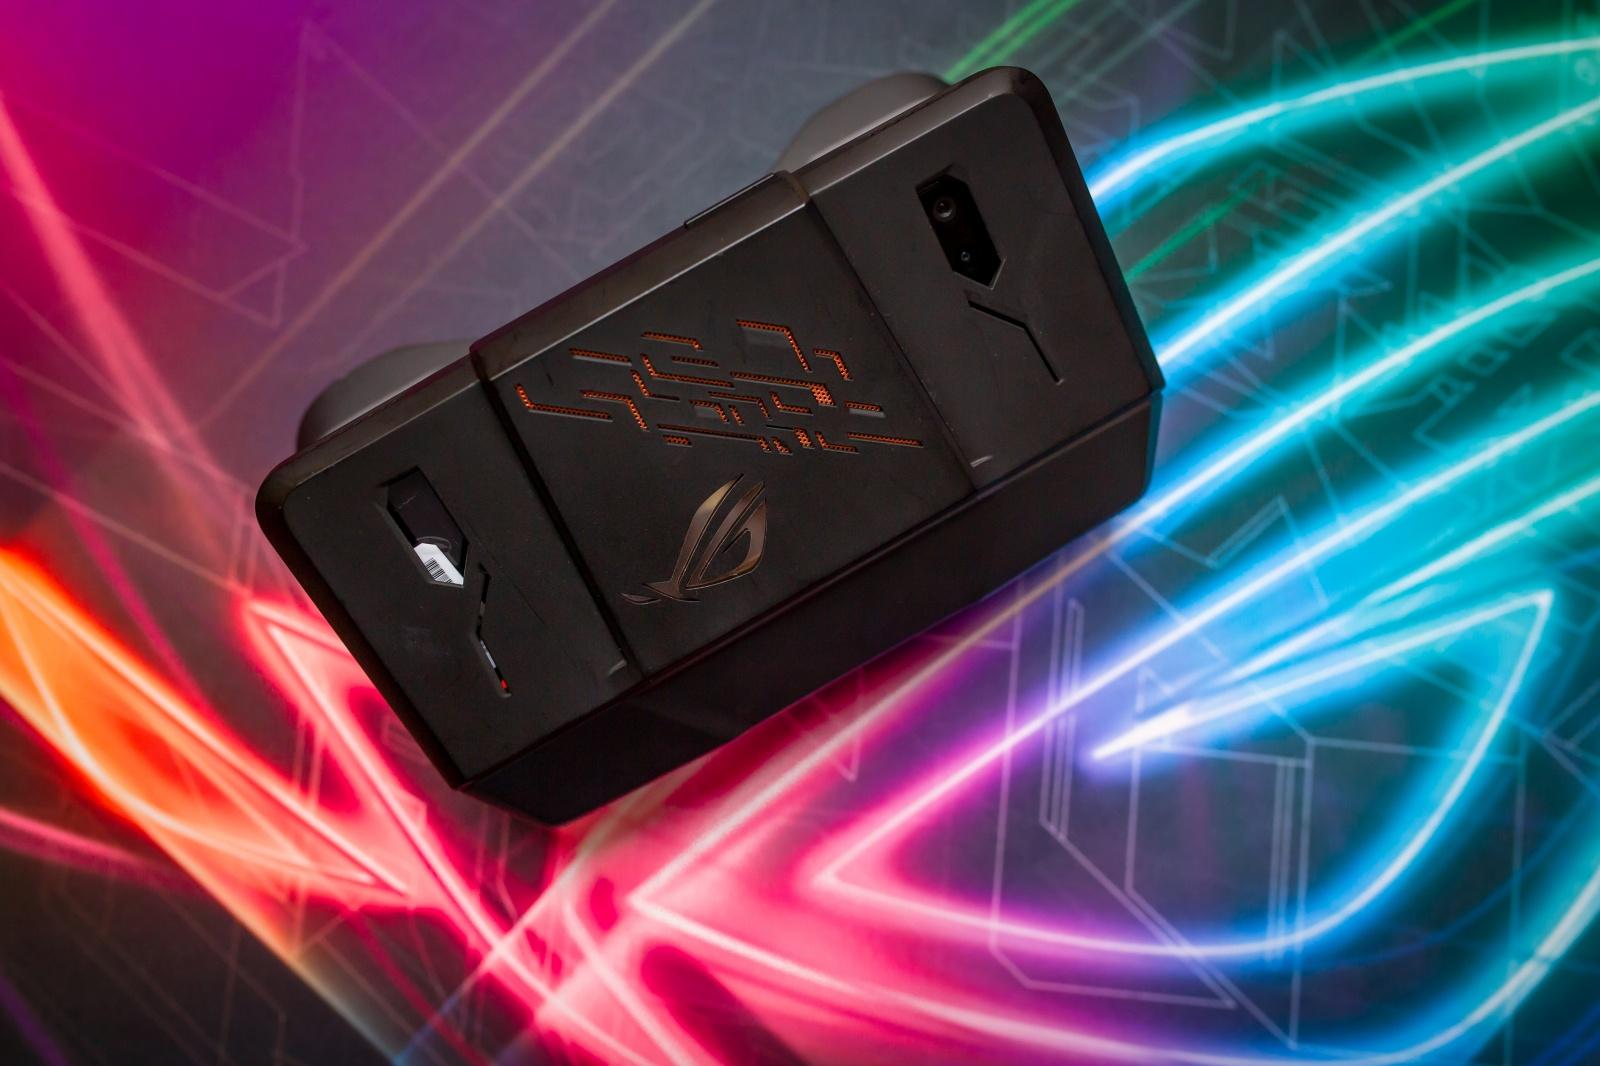 Первый взгляд на геймерский смартфон ASUS ROG Phone - 22